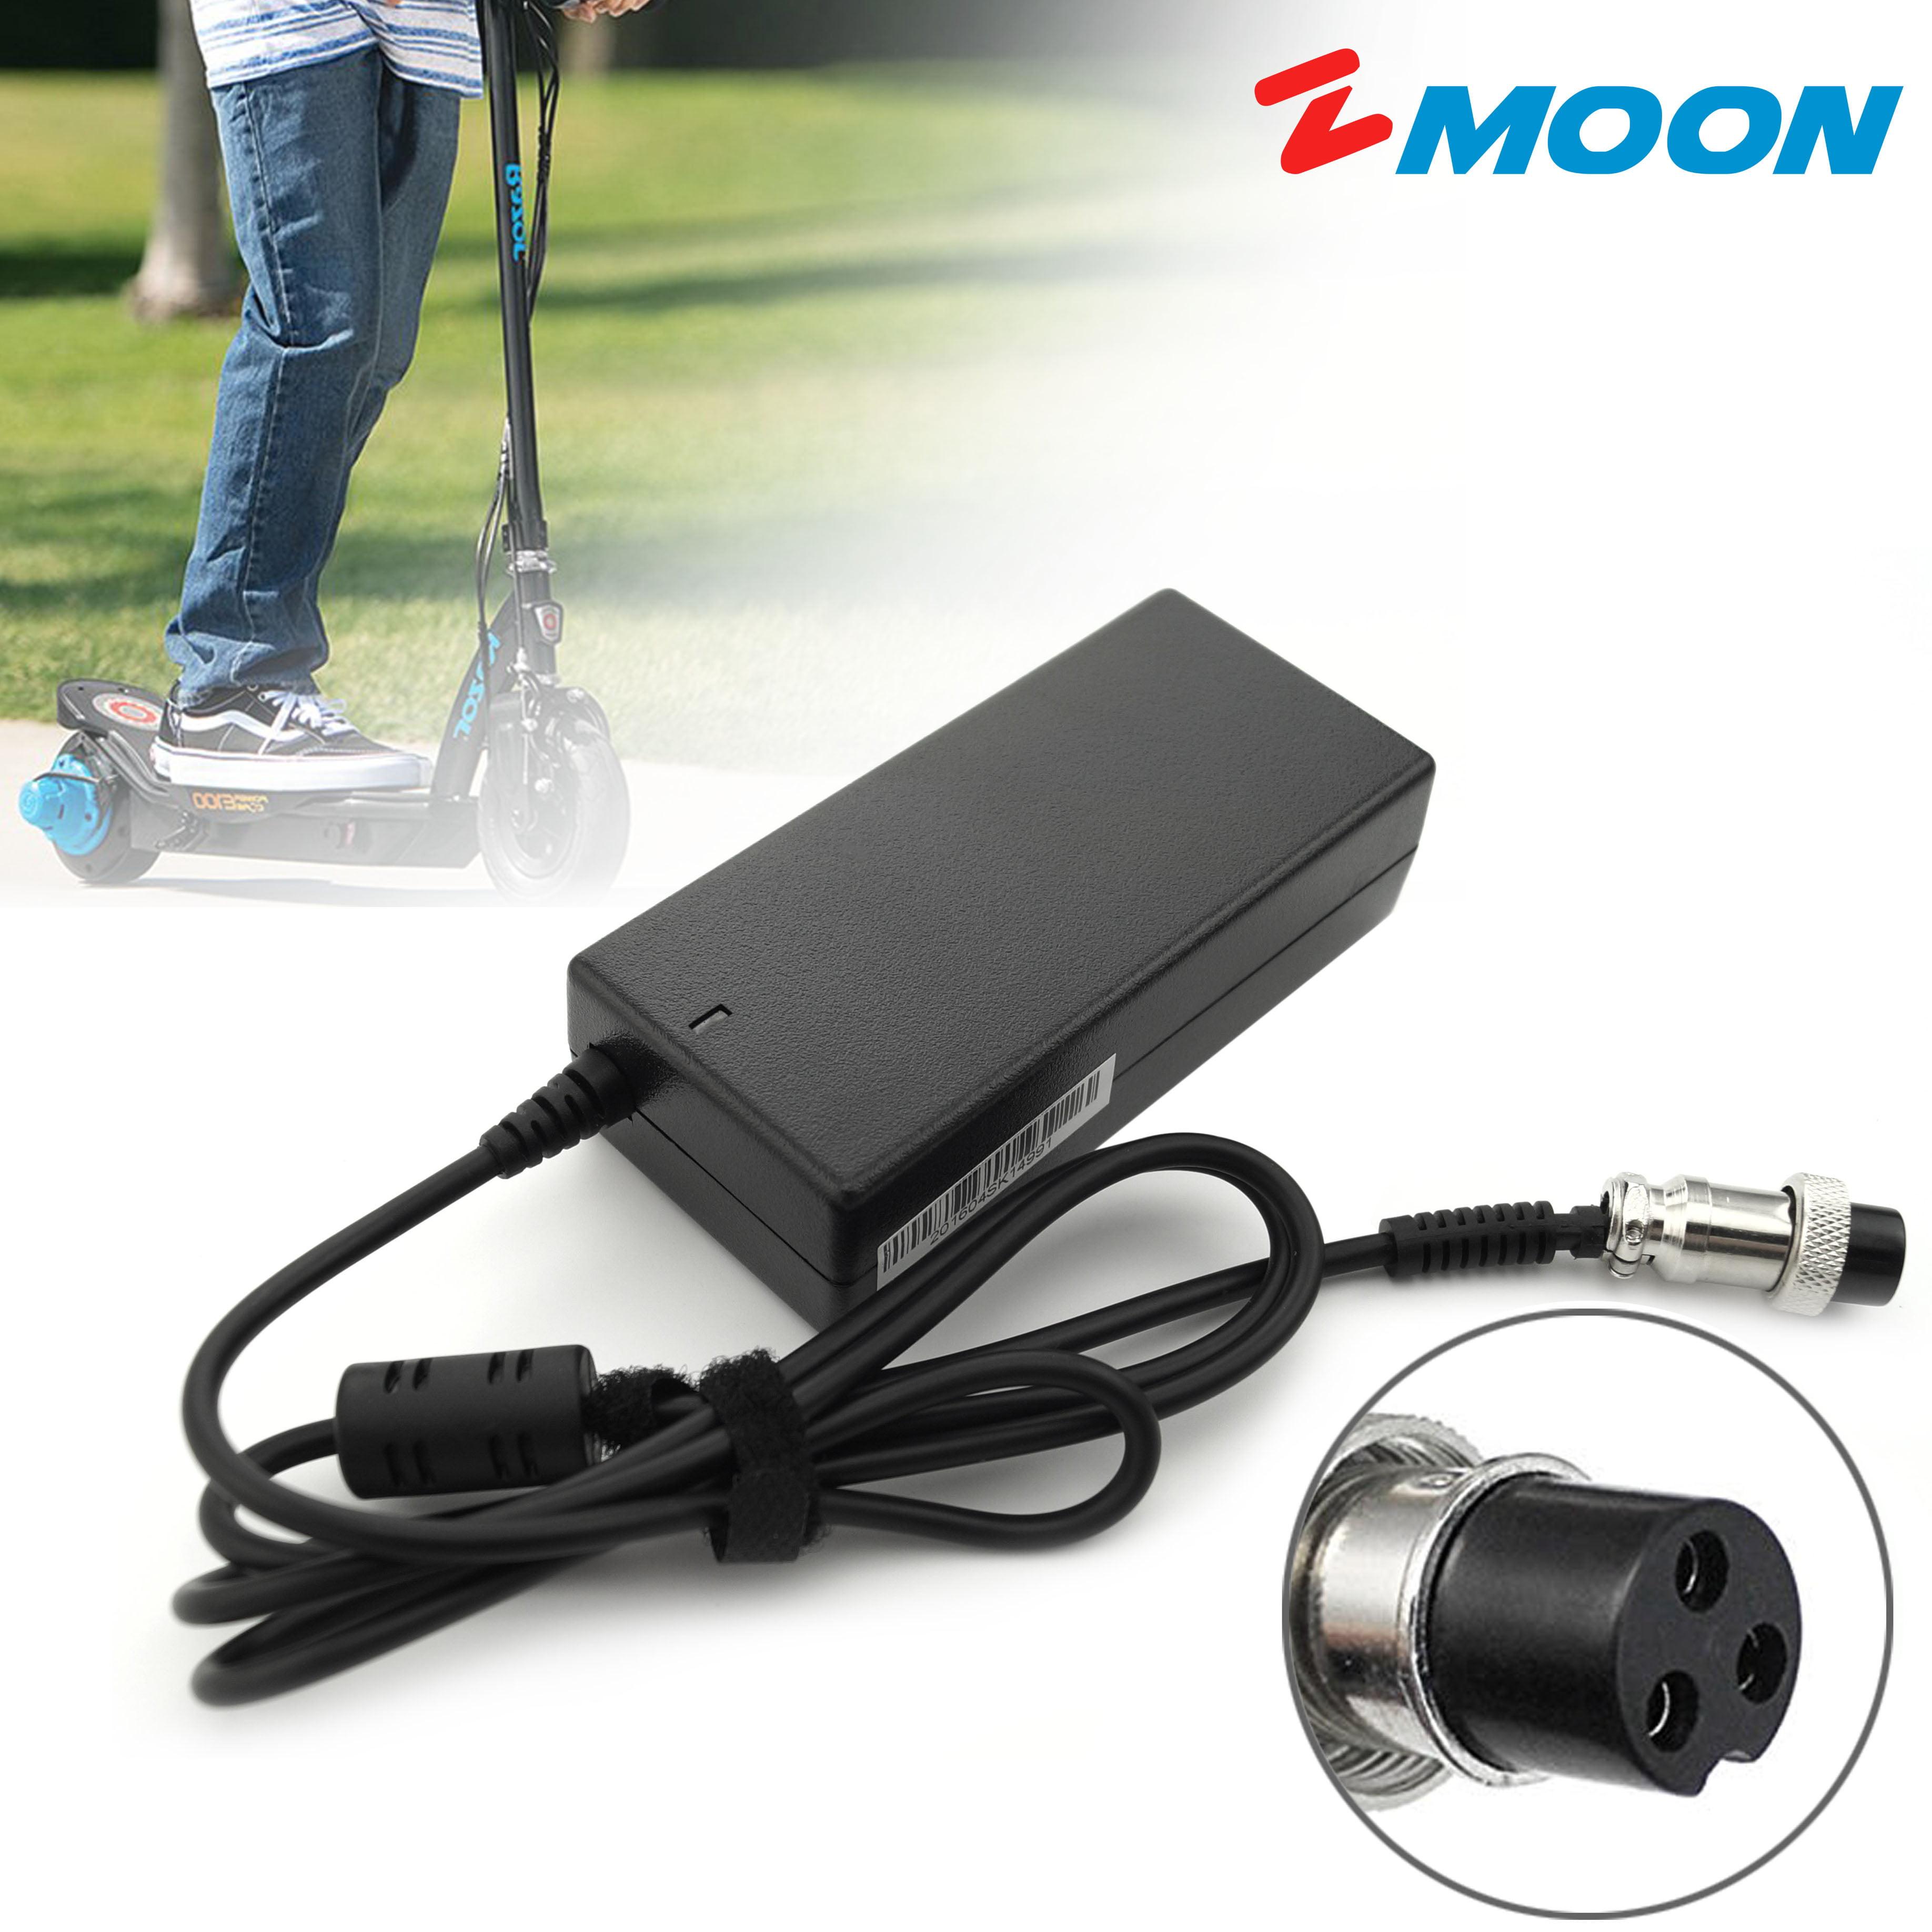 For The Razor E300 E300s Electric Scooter Razor E300 Batteries Razor